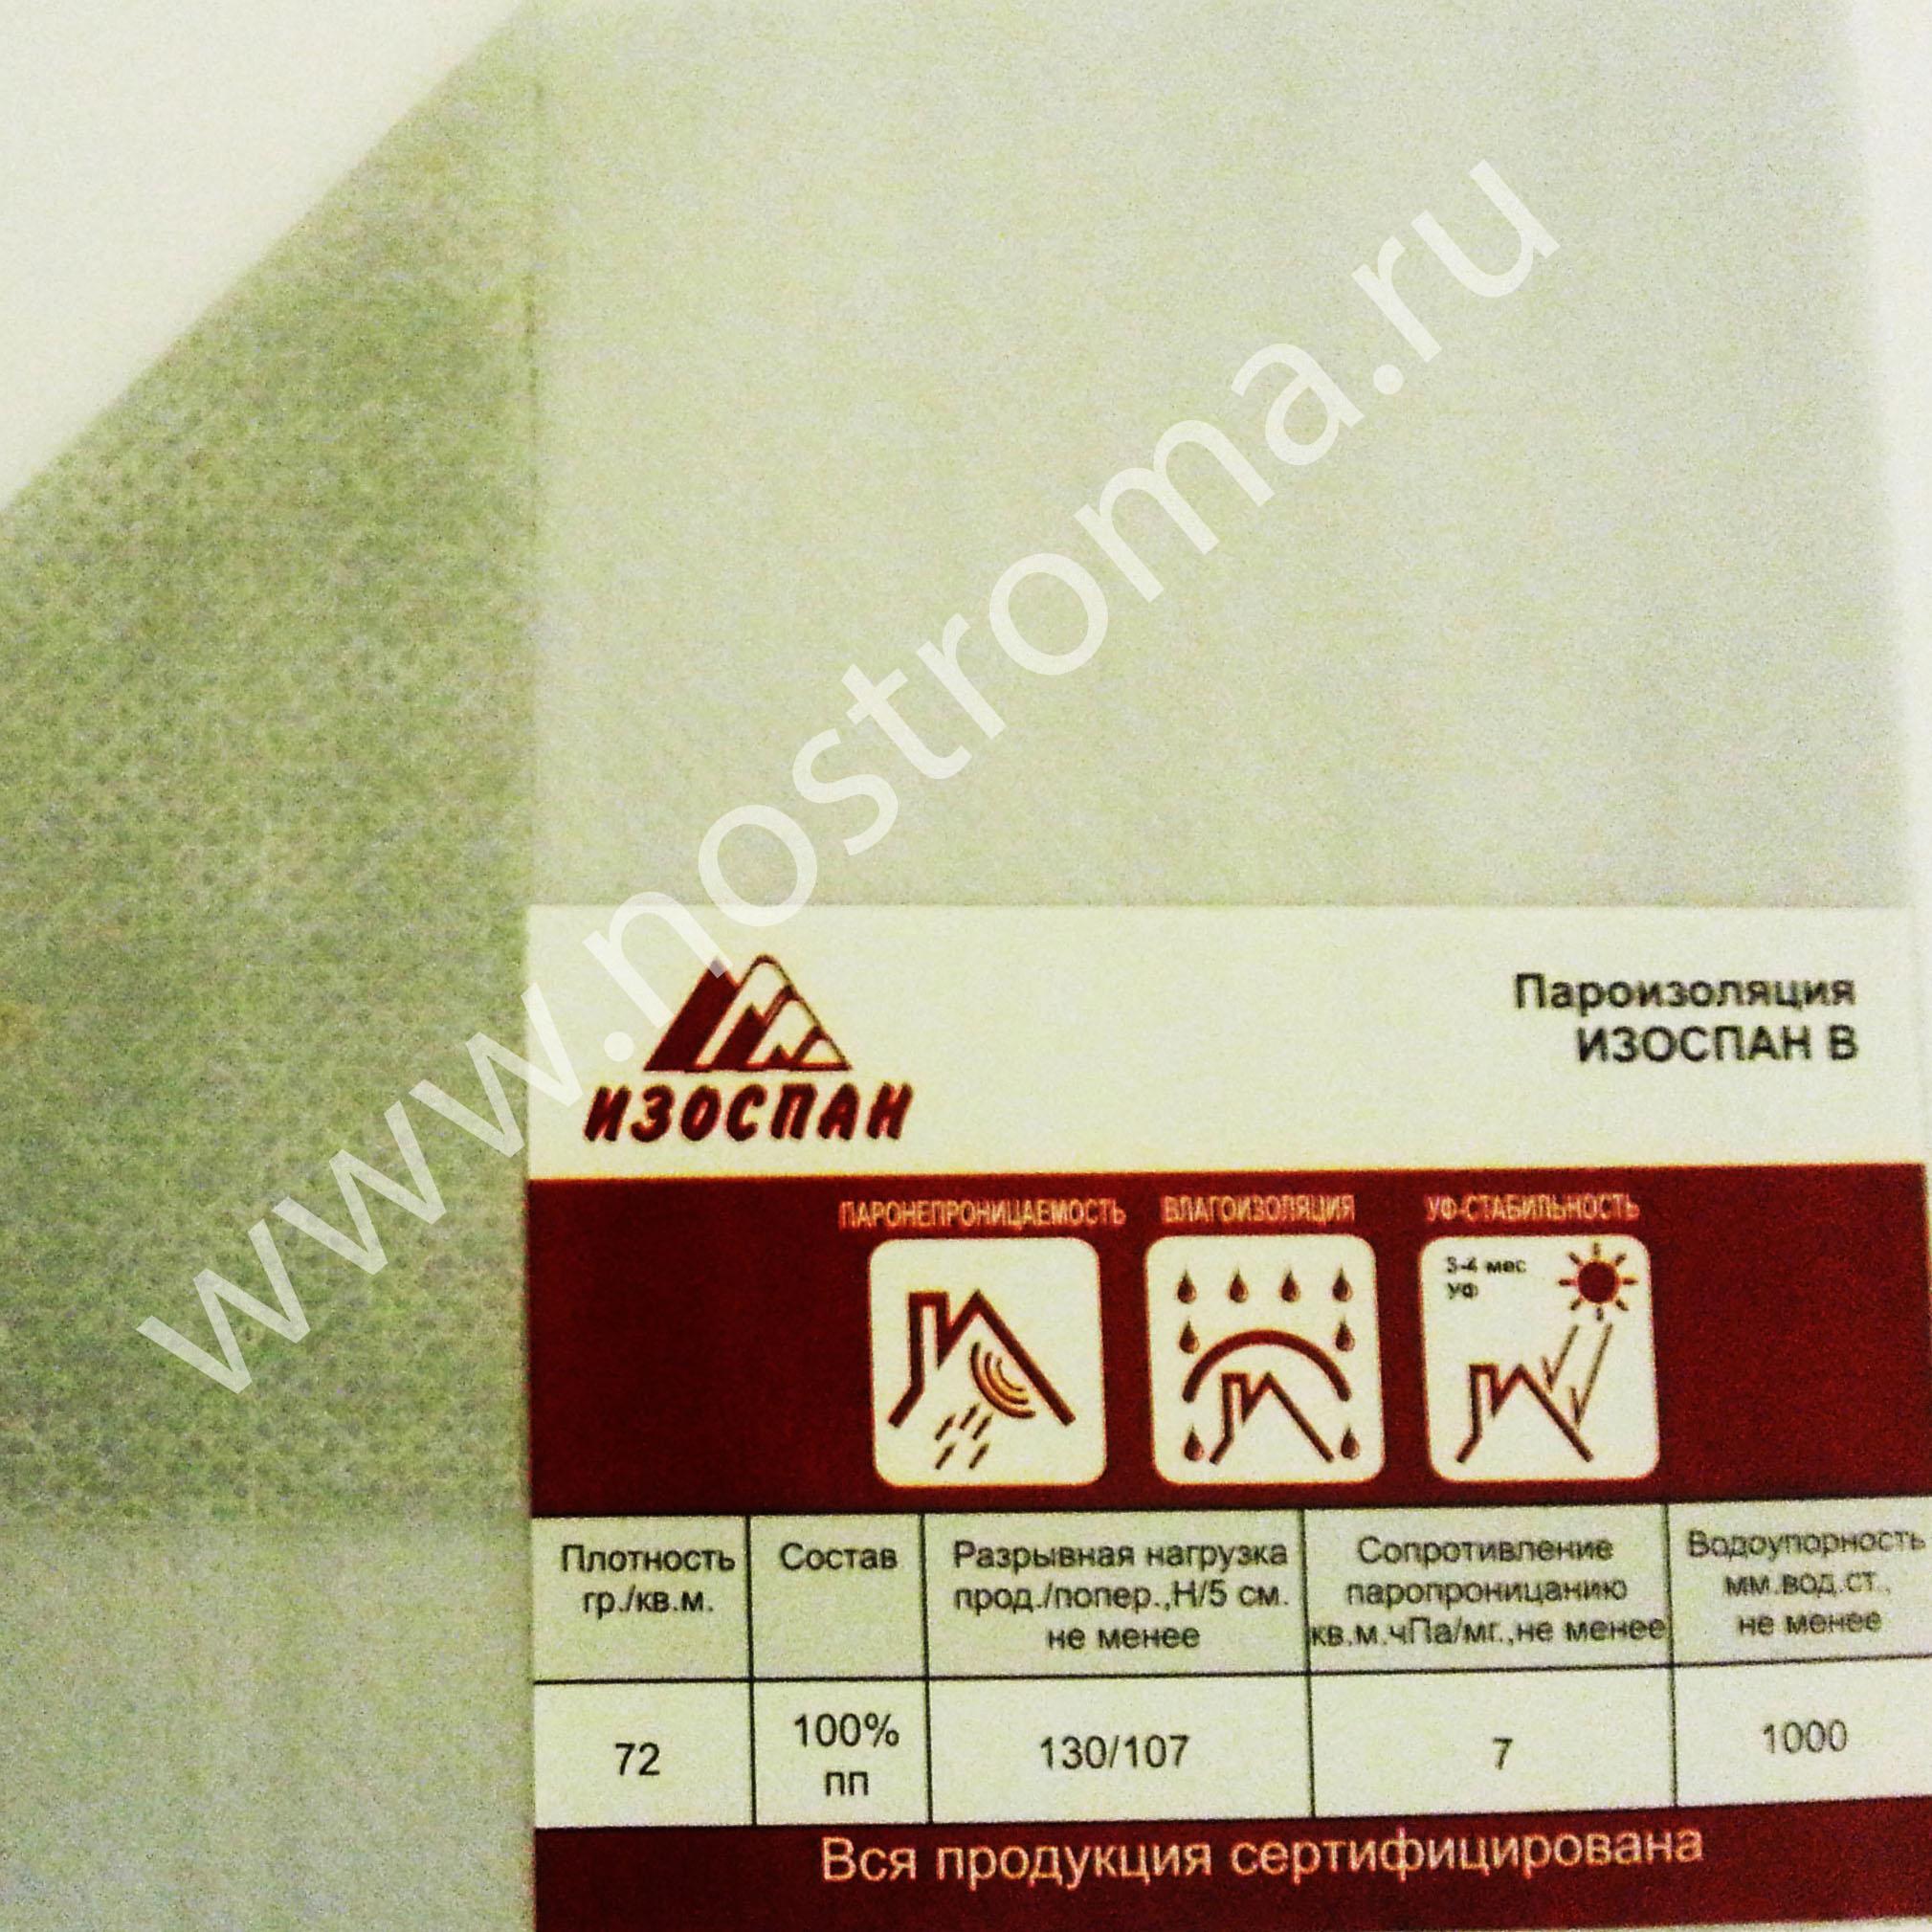 Гидроизоляция и пароизоляции для изомина резино битумная мастика горячего применения в картинках